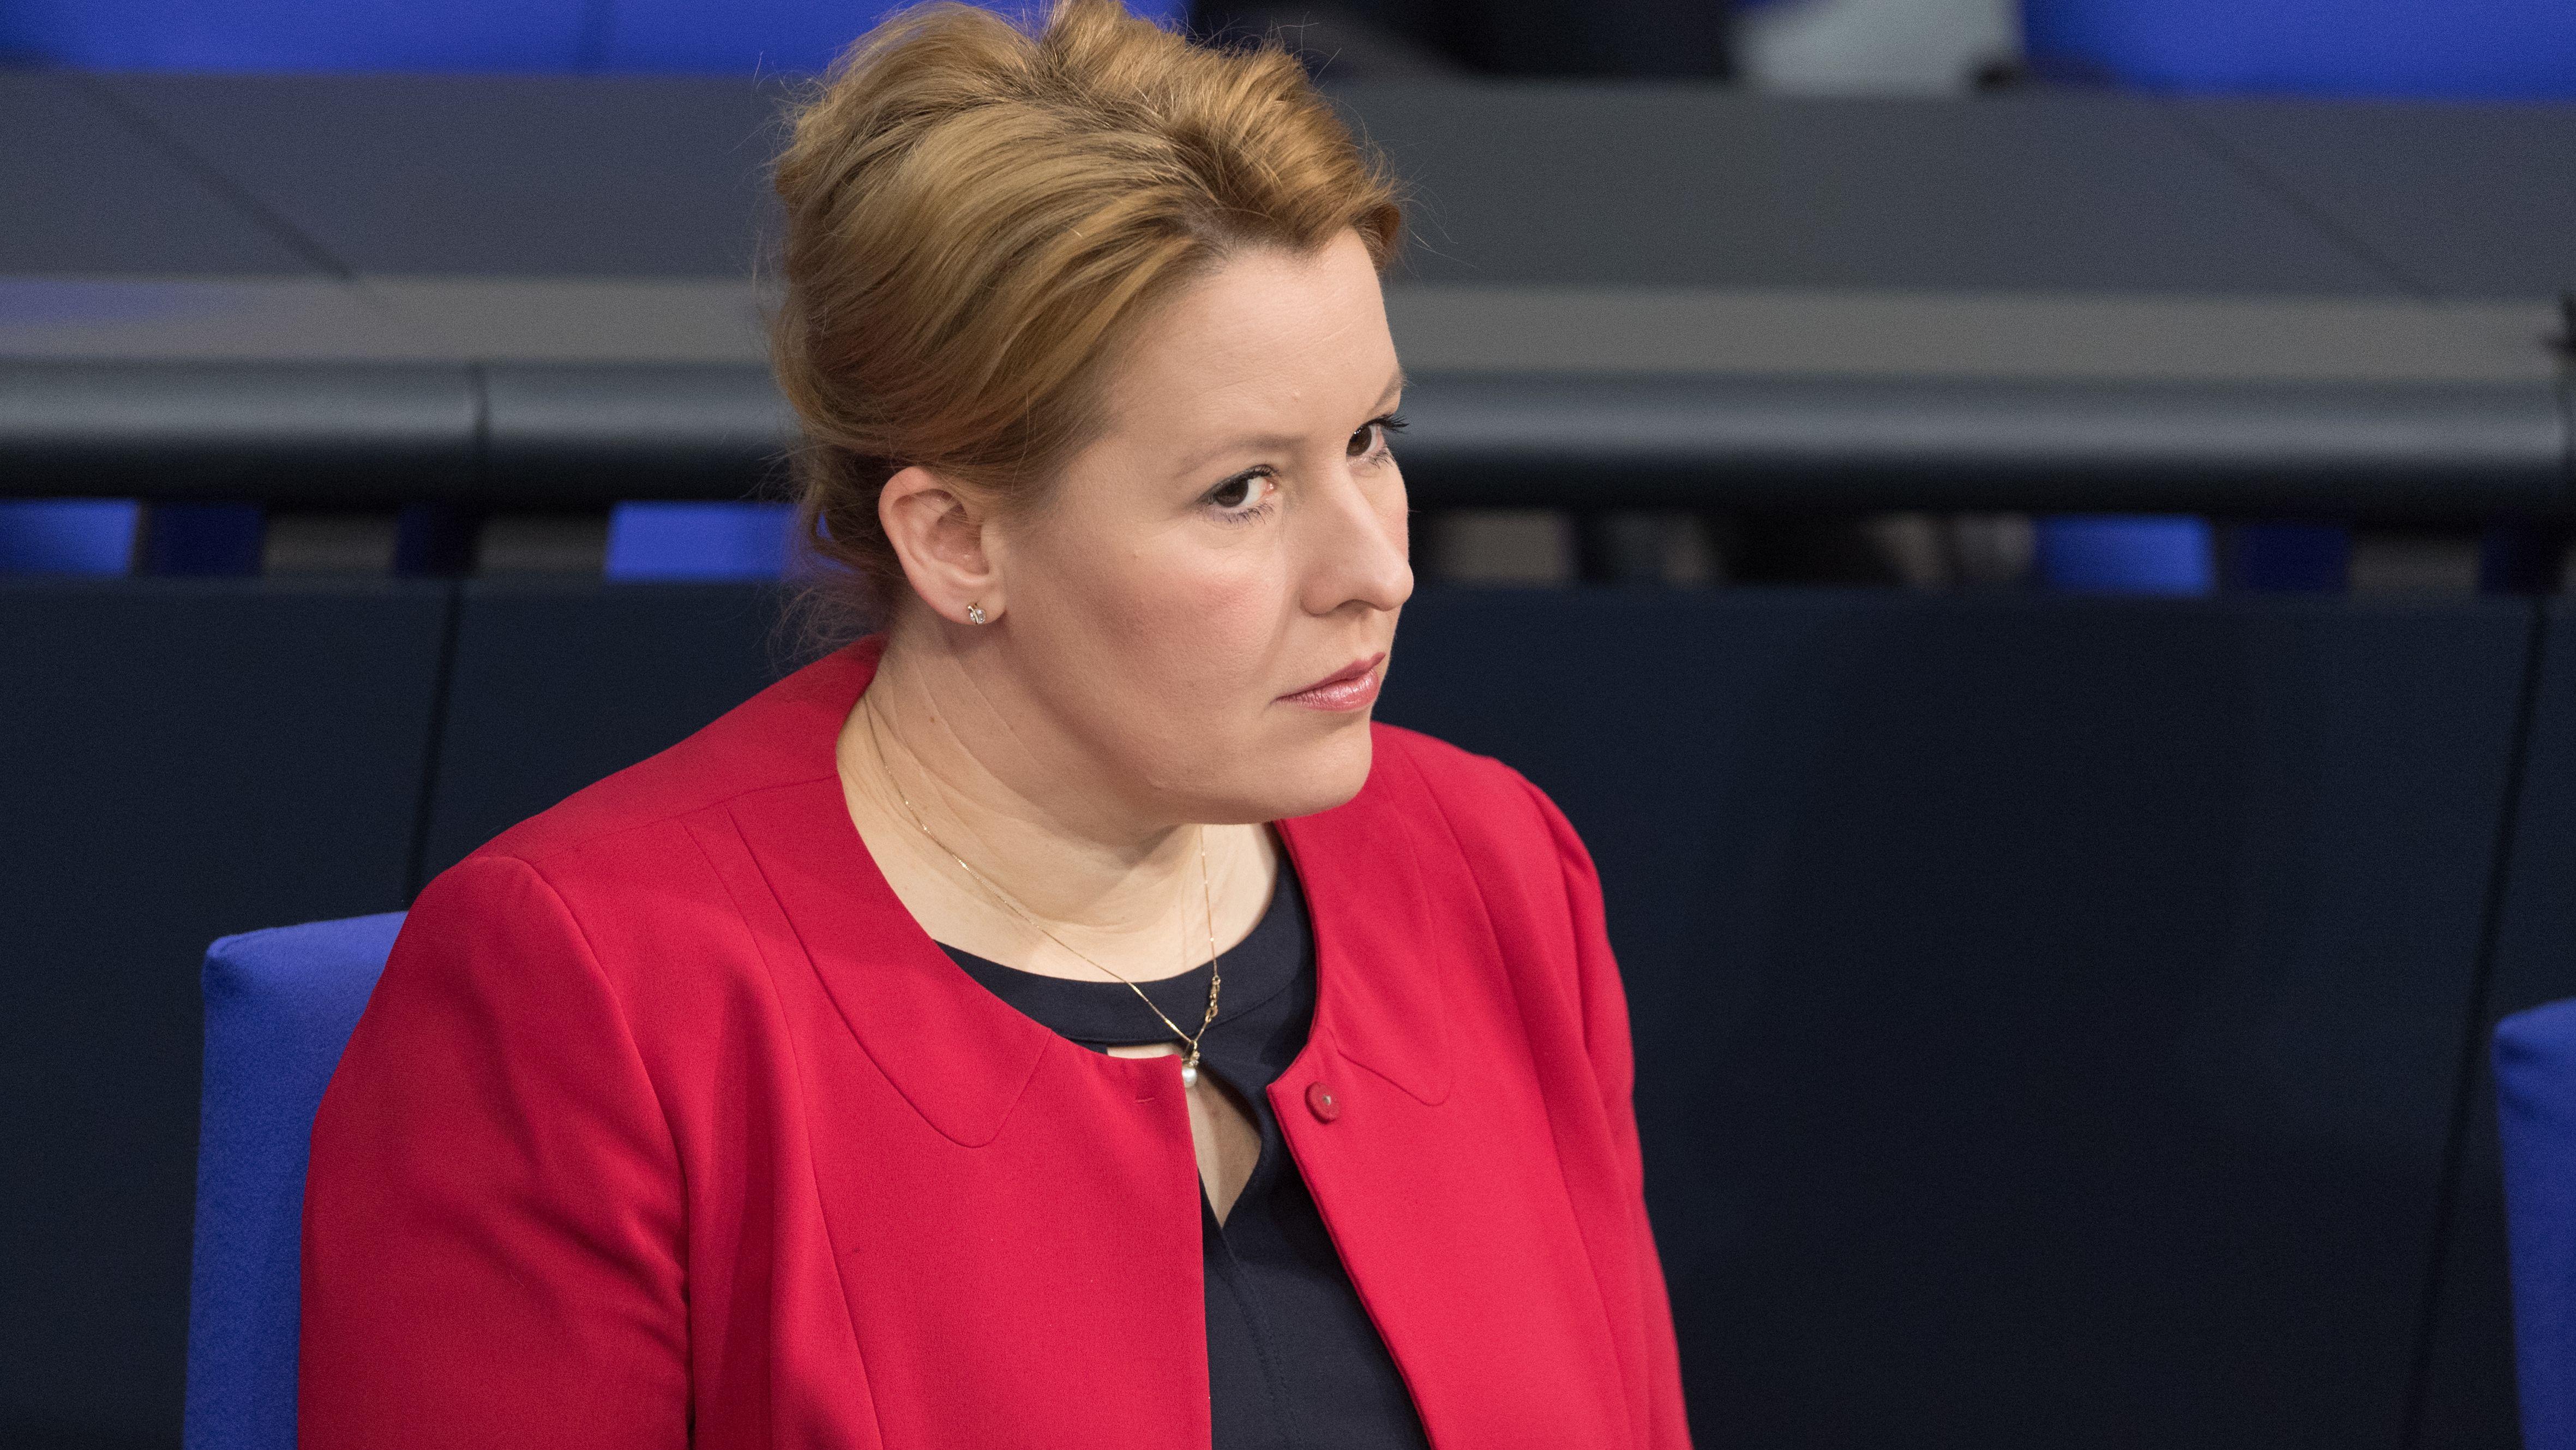 Franziska Giffey (SPD), Bundesministerin für Familie, Senioren, Frauen und Jugend